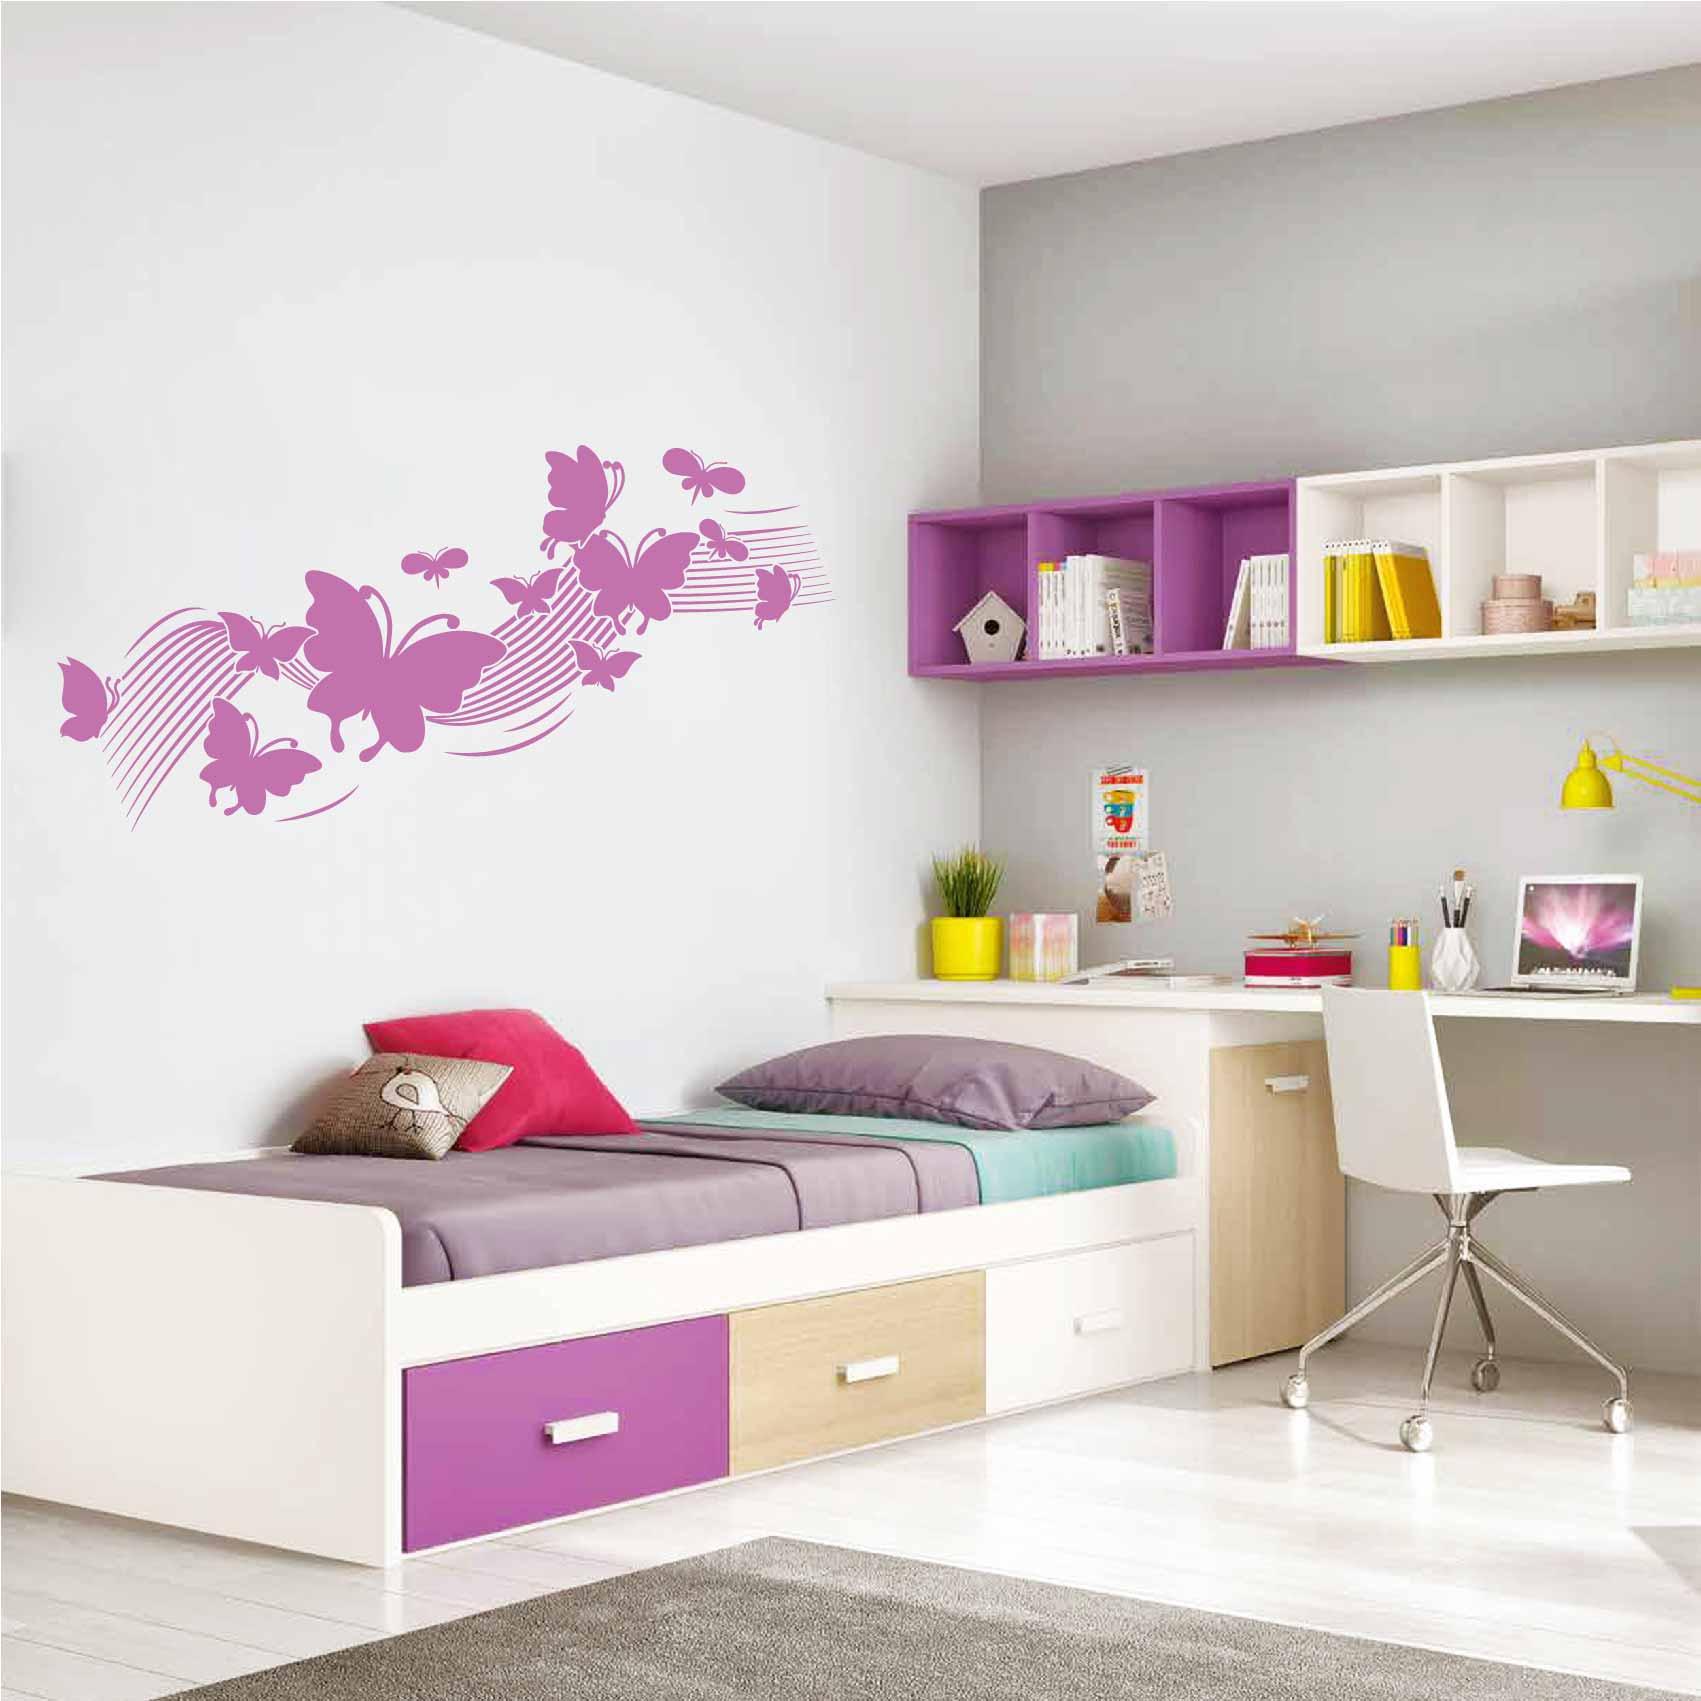 Stickers Chambre Fille Papillon - Autocollant muraux et deco